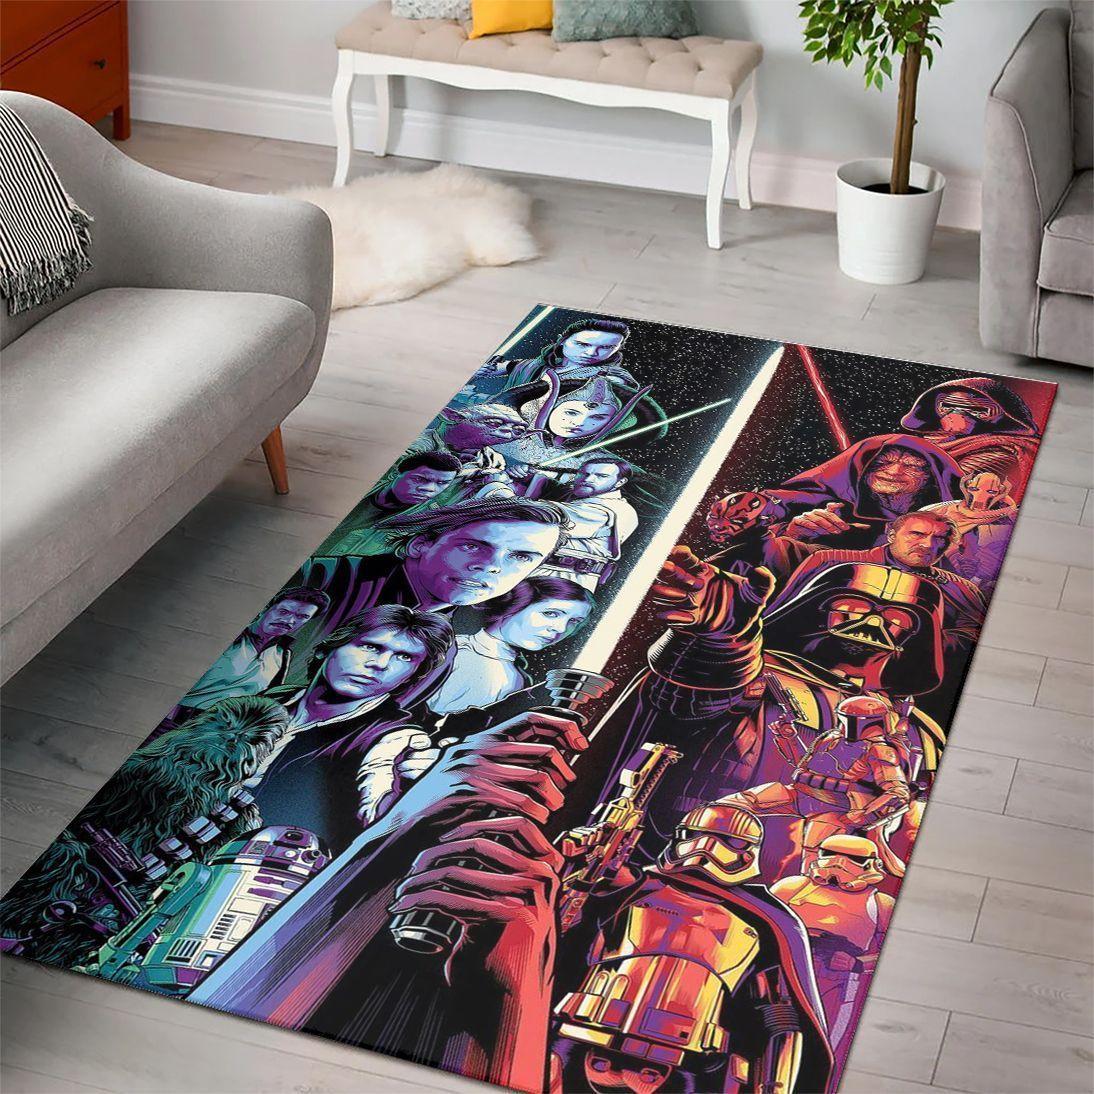 Kylo Ren's Lightsaber Star Wars Rug